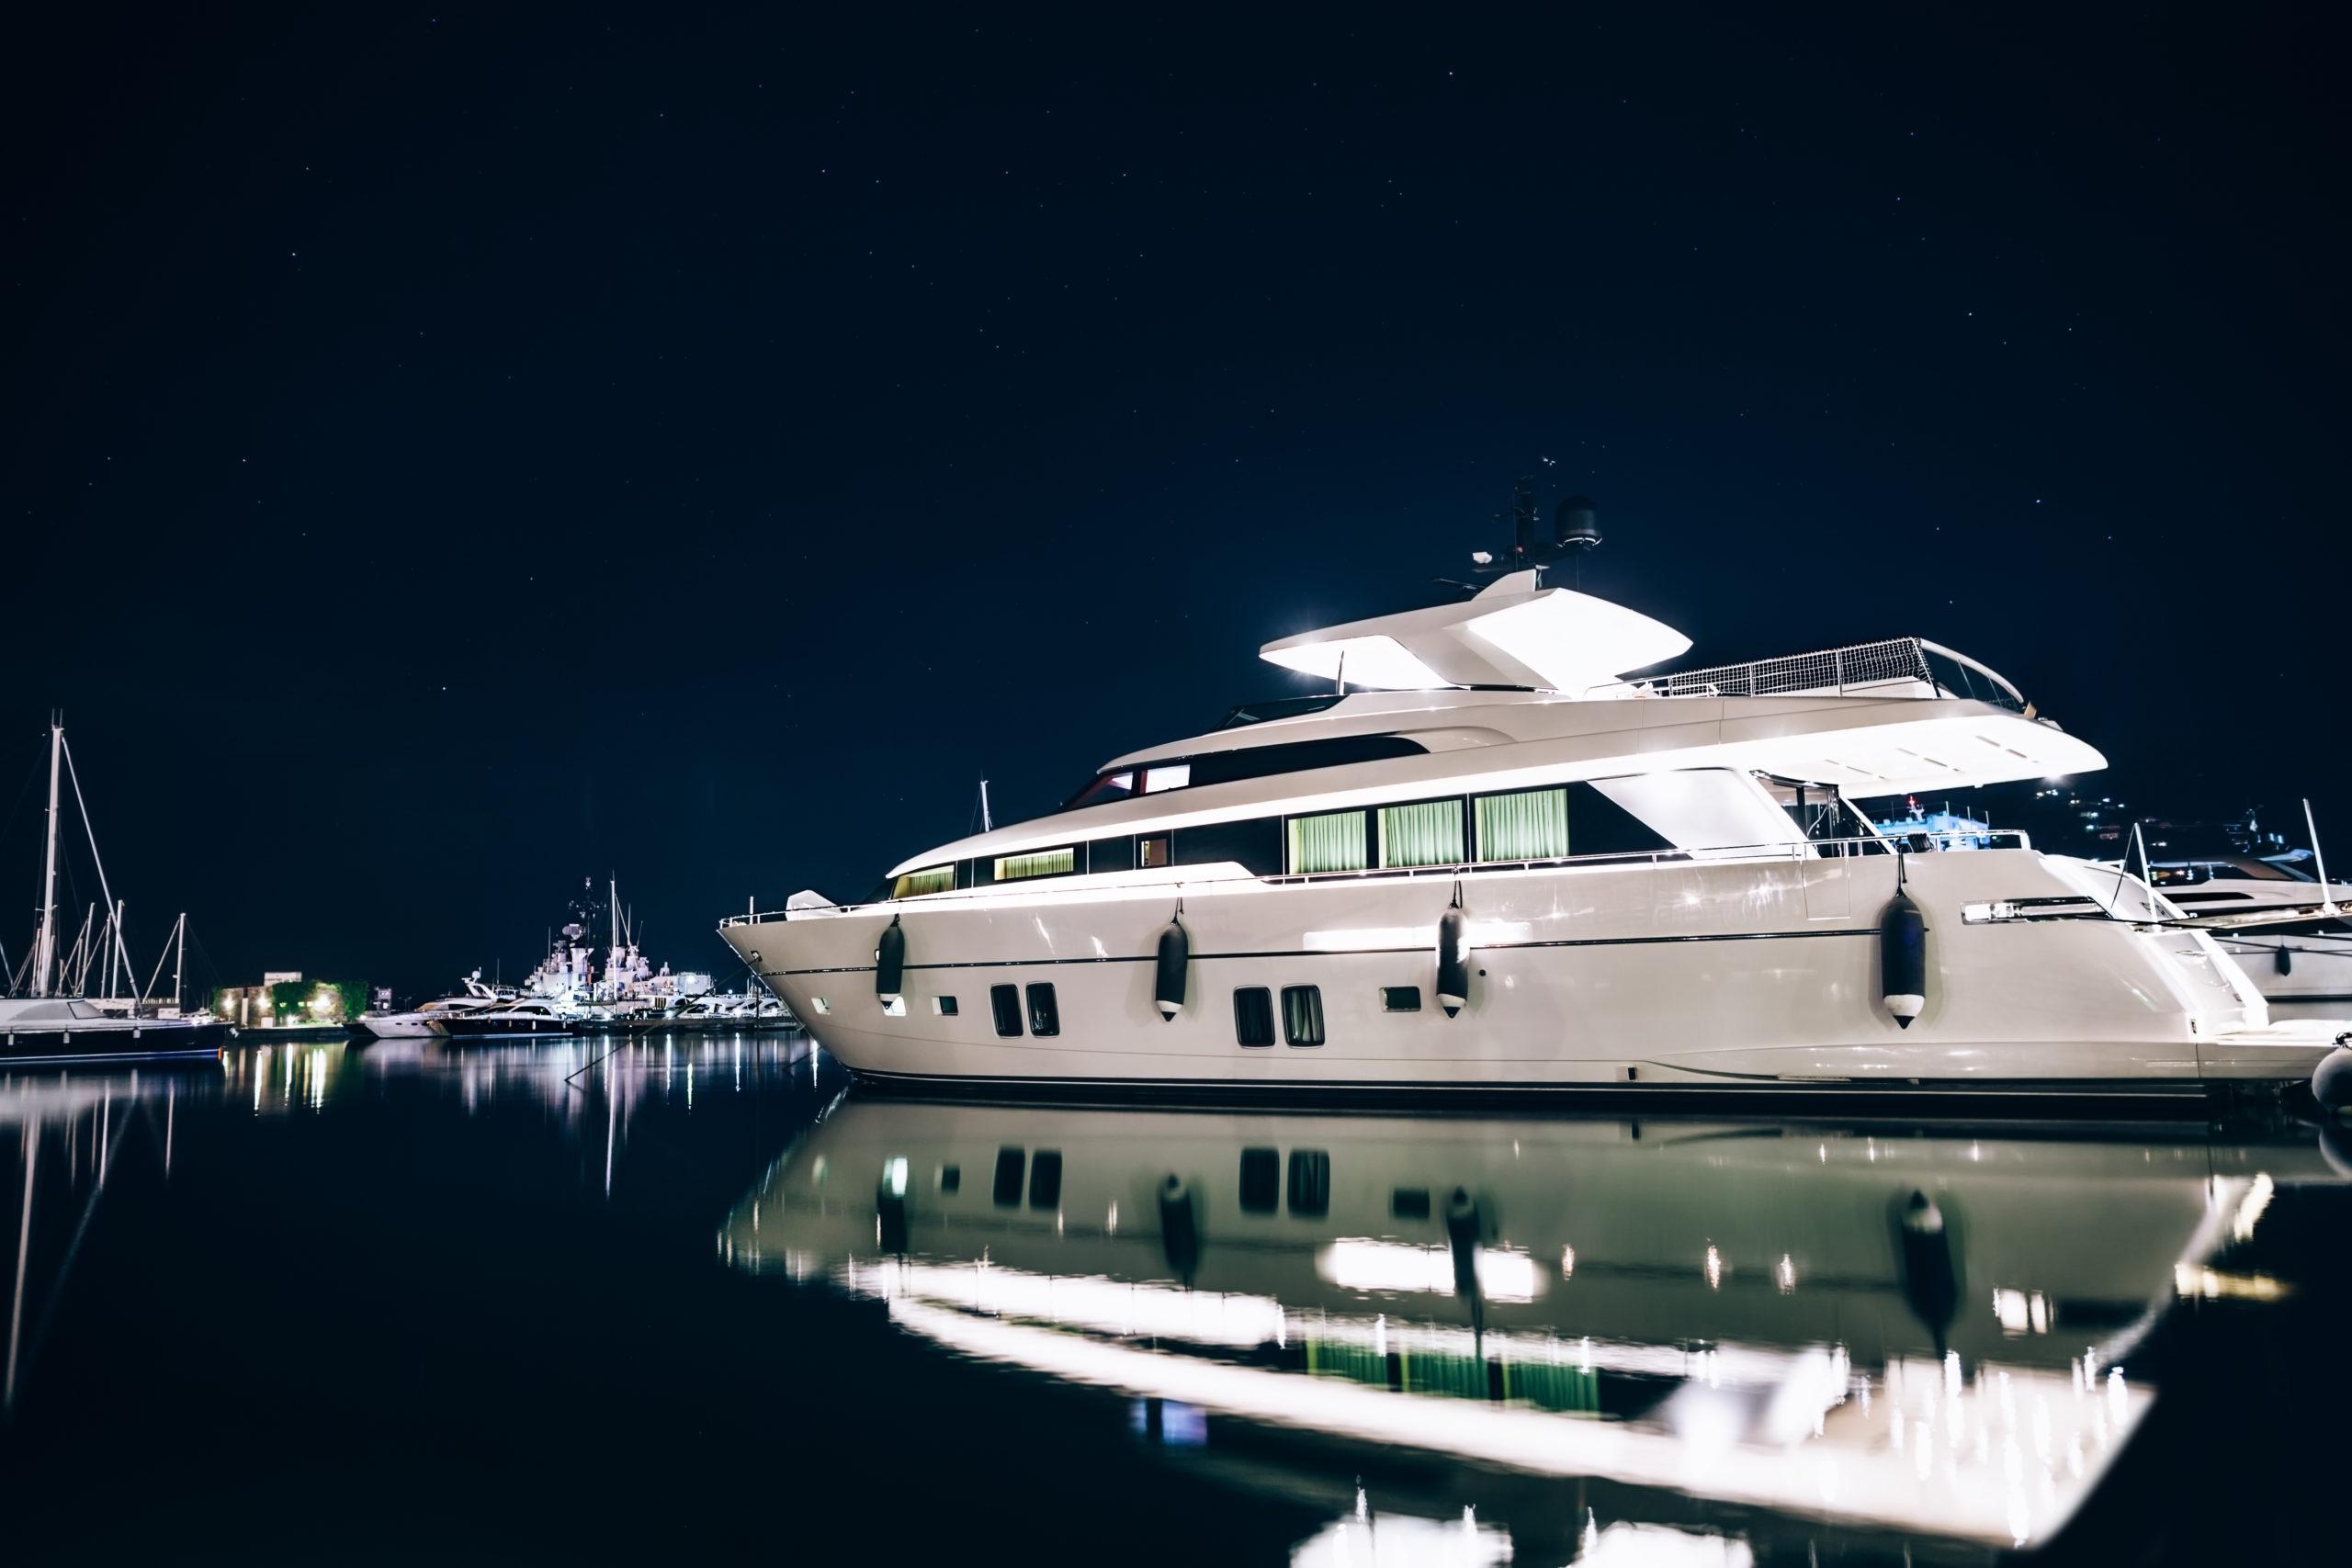 Coup d'arrêt à la réfaction de 50% des loyers provenant de la location de yachts en France.